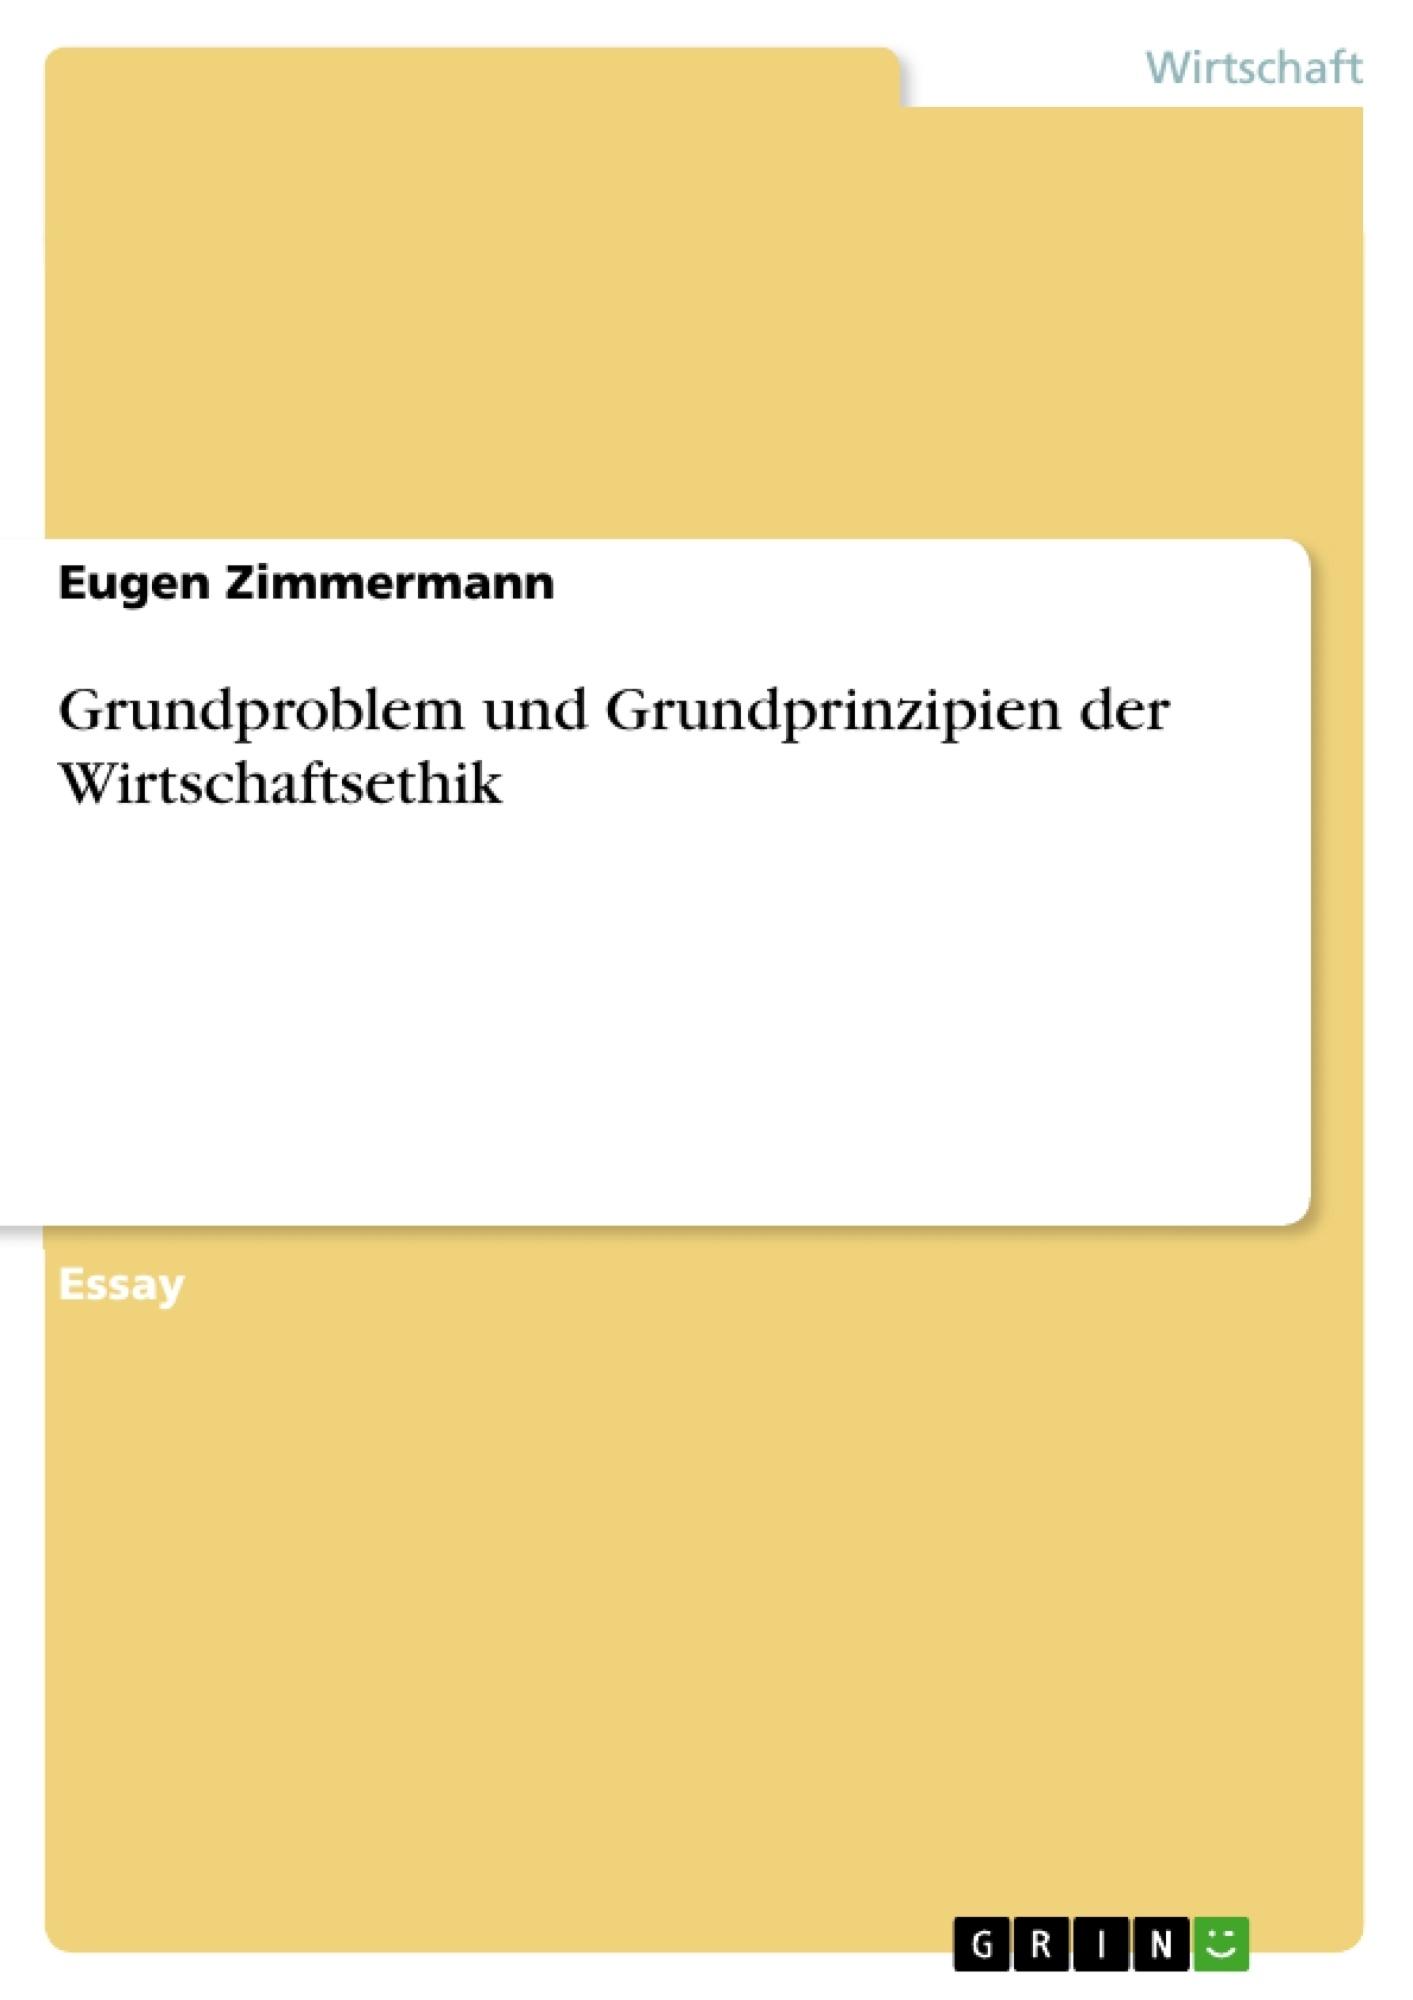 Titel: Grundproblem und Grundprinzipien der Wirtschaftsethik